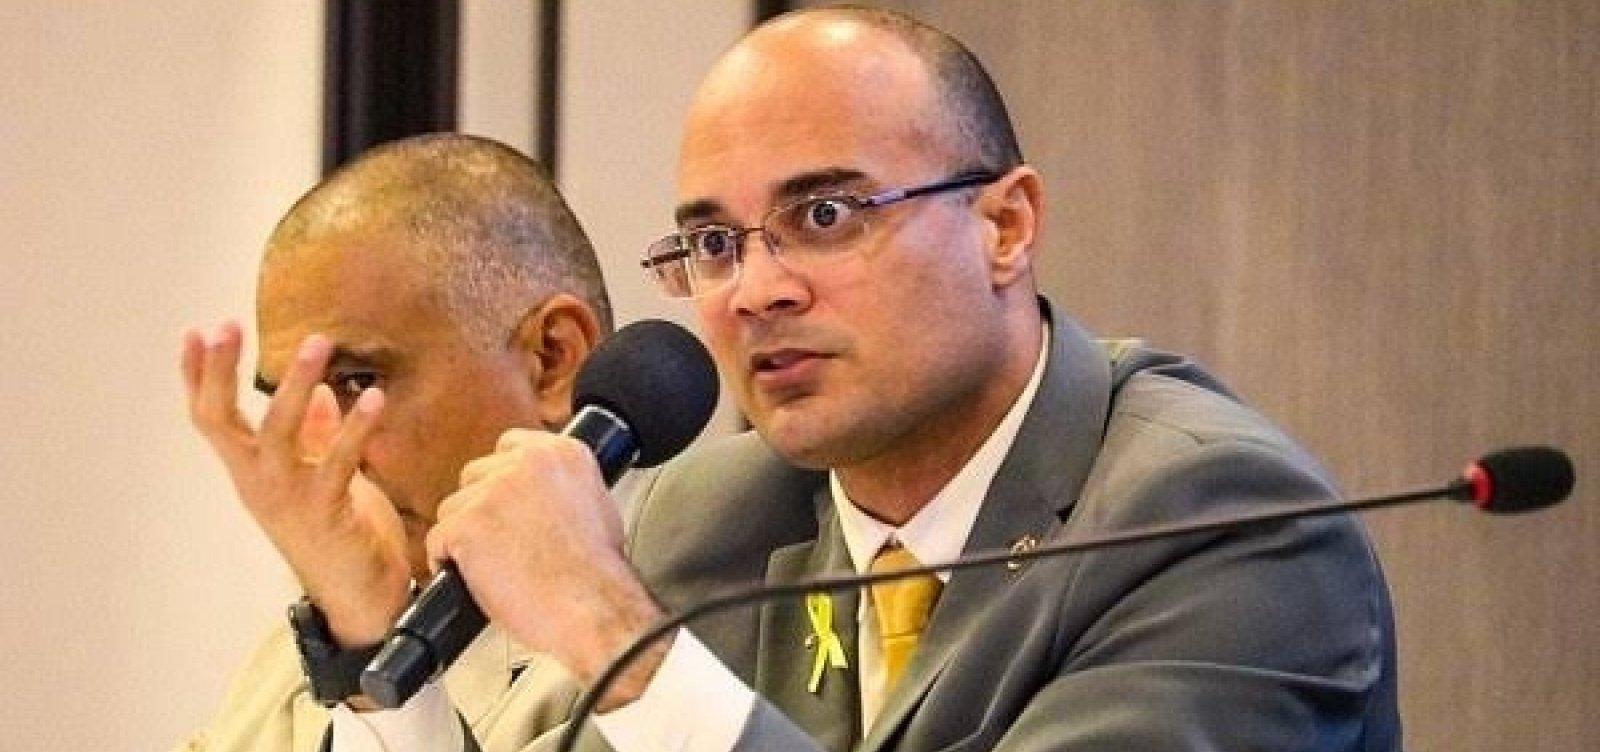 [Partido de Alden, PSL se posiciona contra ações de invasão a hospitais]